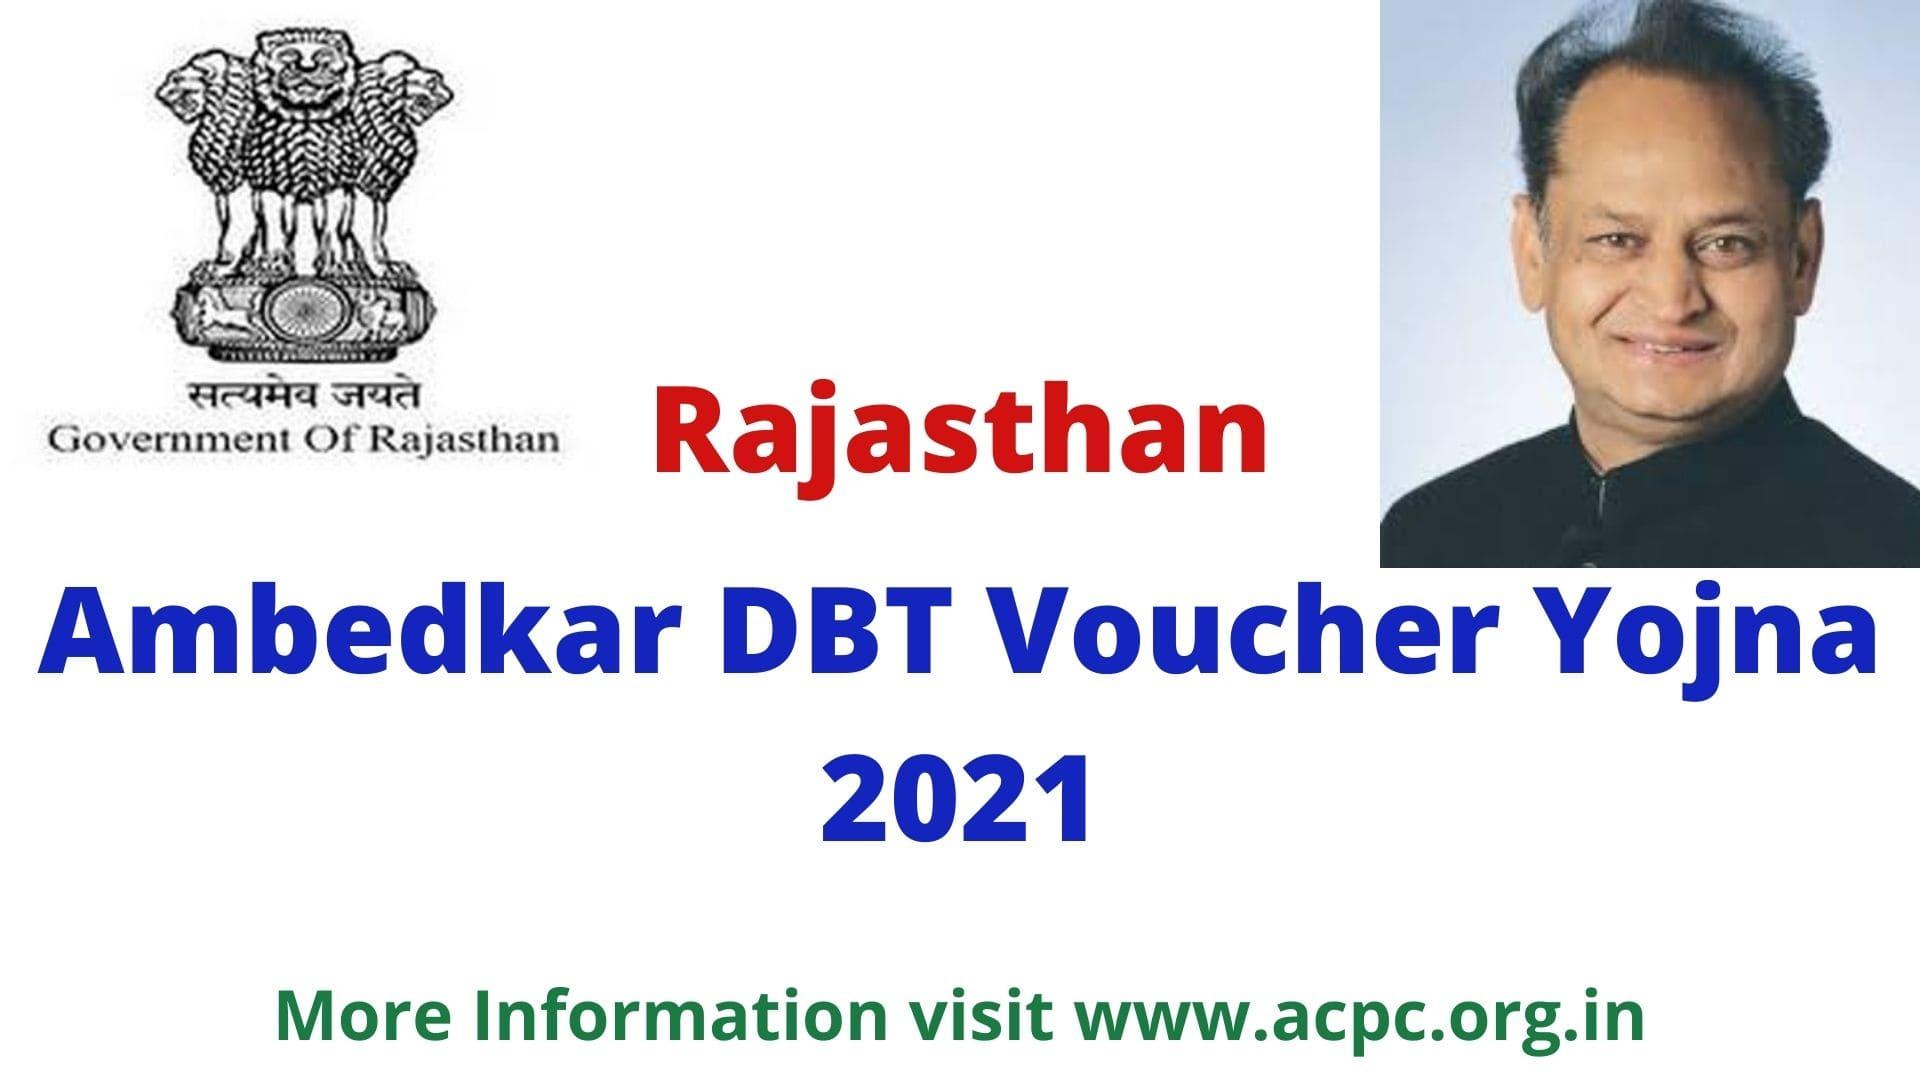 Rajasthan Ambedkar DBT Voucher Yojna 2021